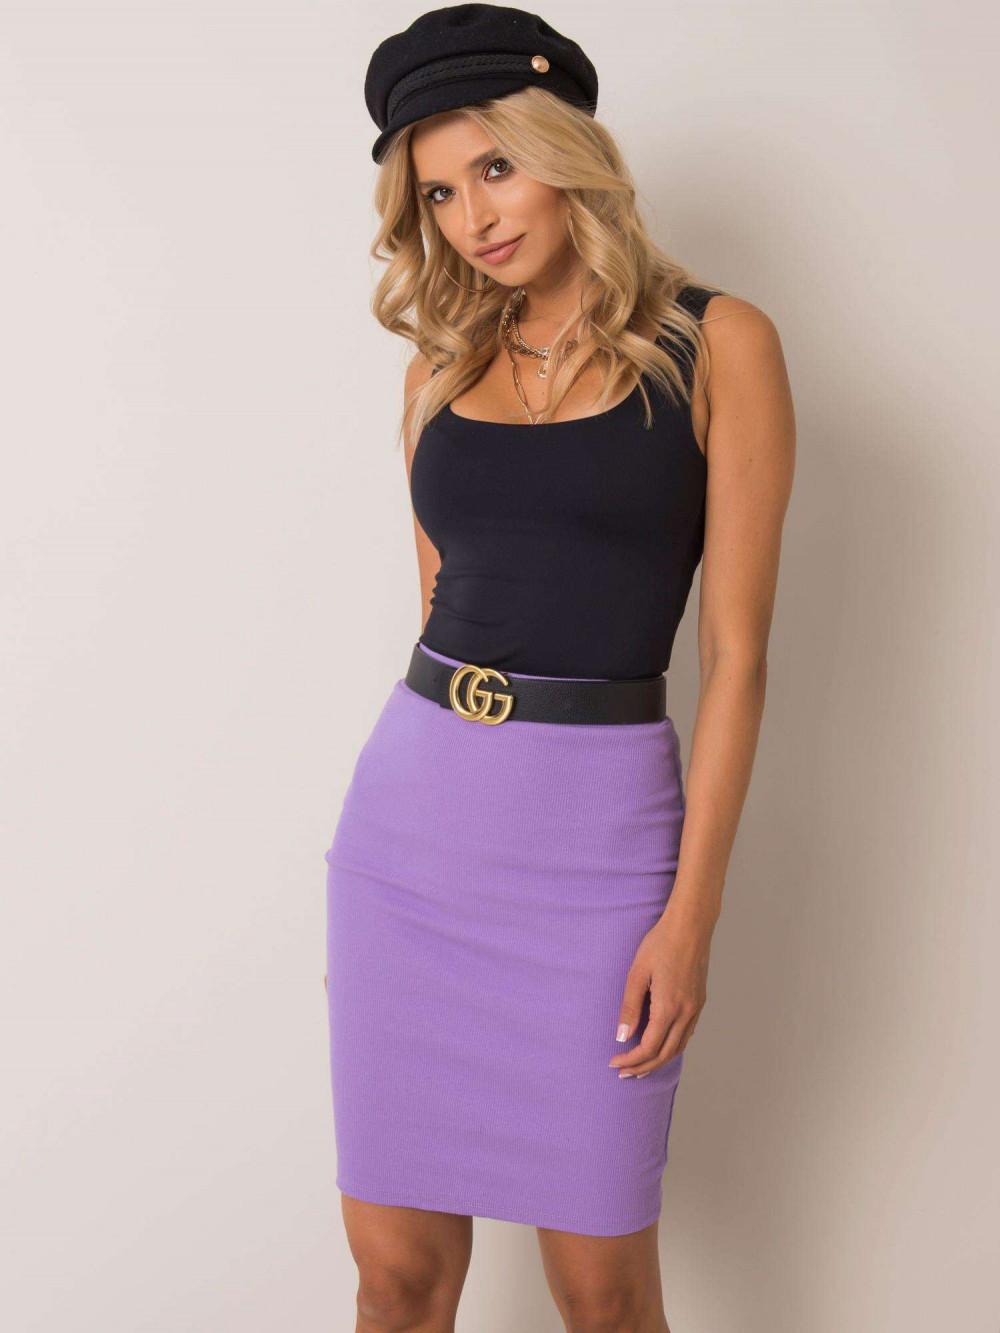 Fioletowa ołówkowa spódnica damska Bonnie 2